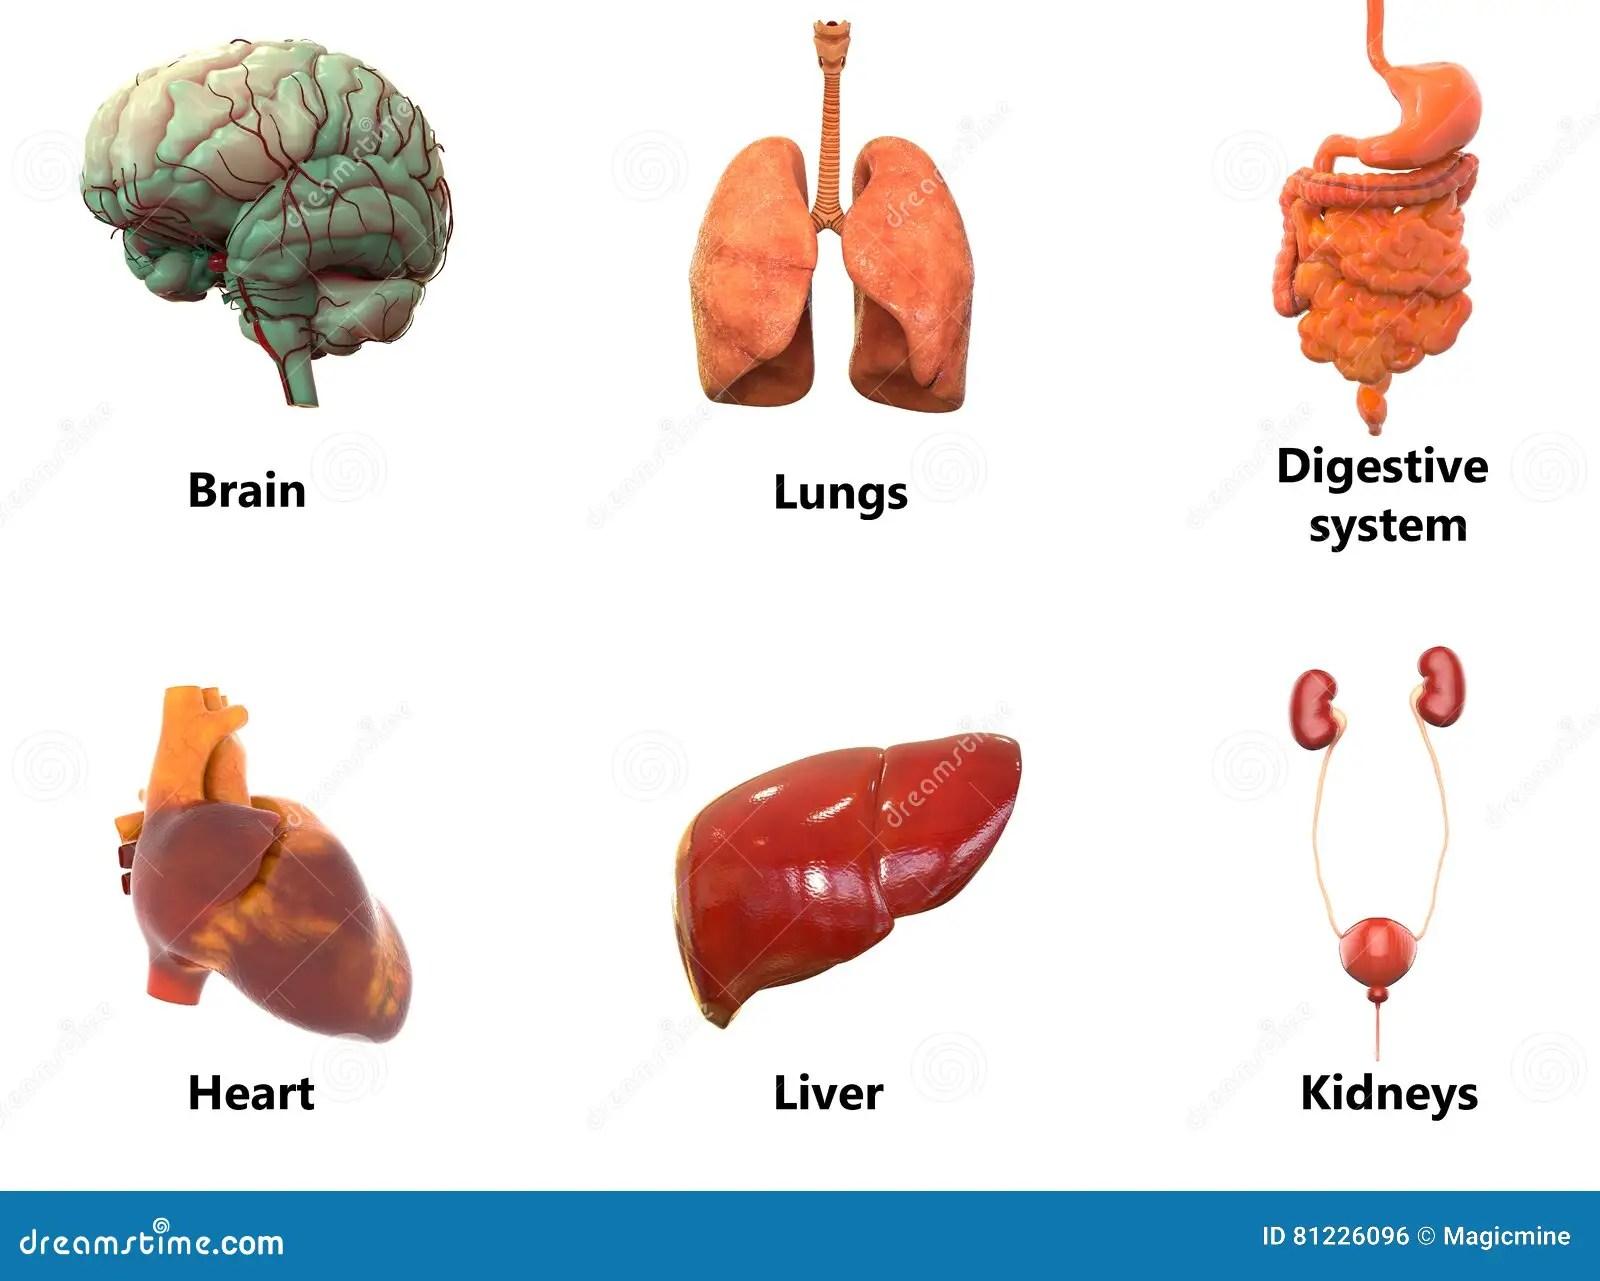 Human Body Organs Anatomybrain Lungs Digestive System